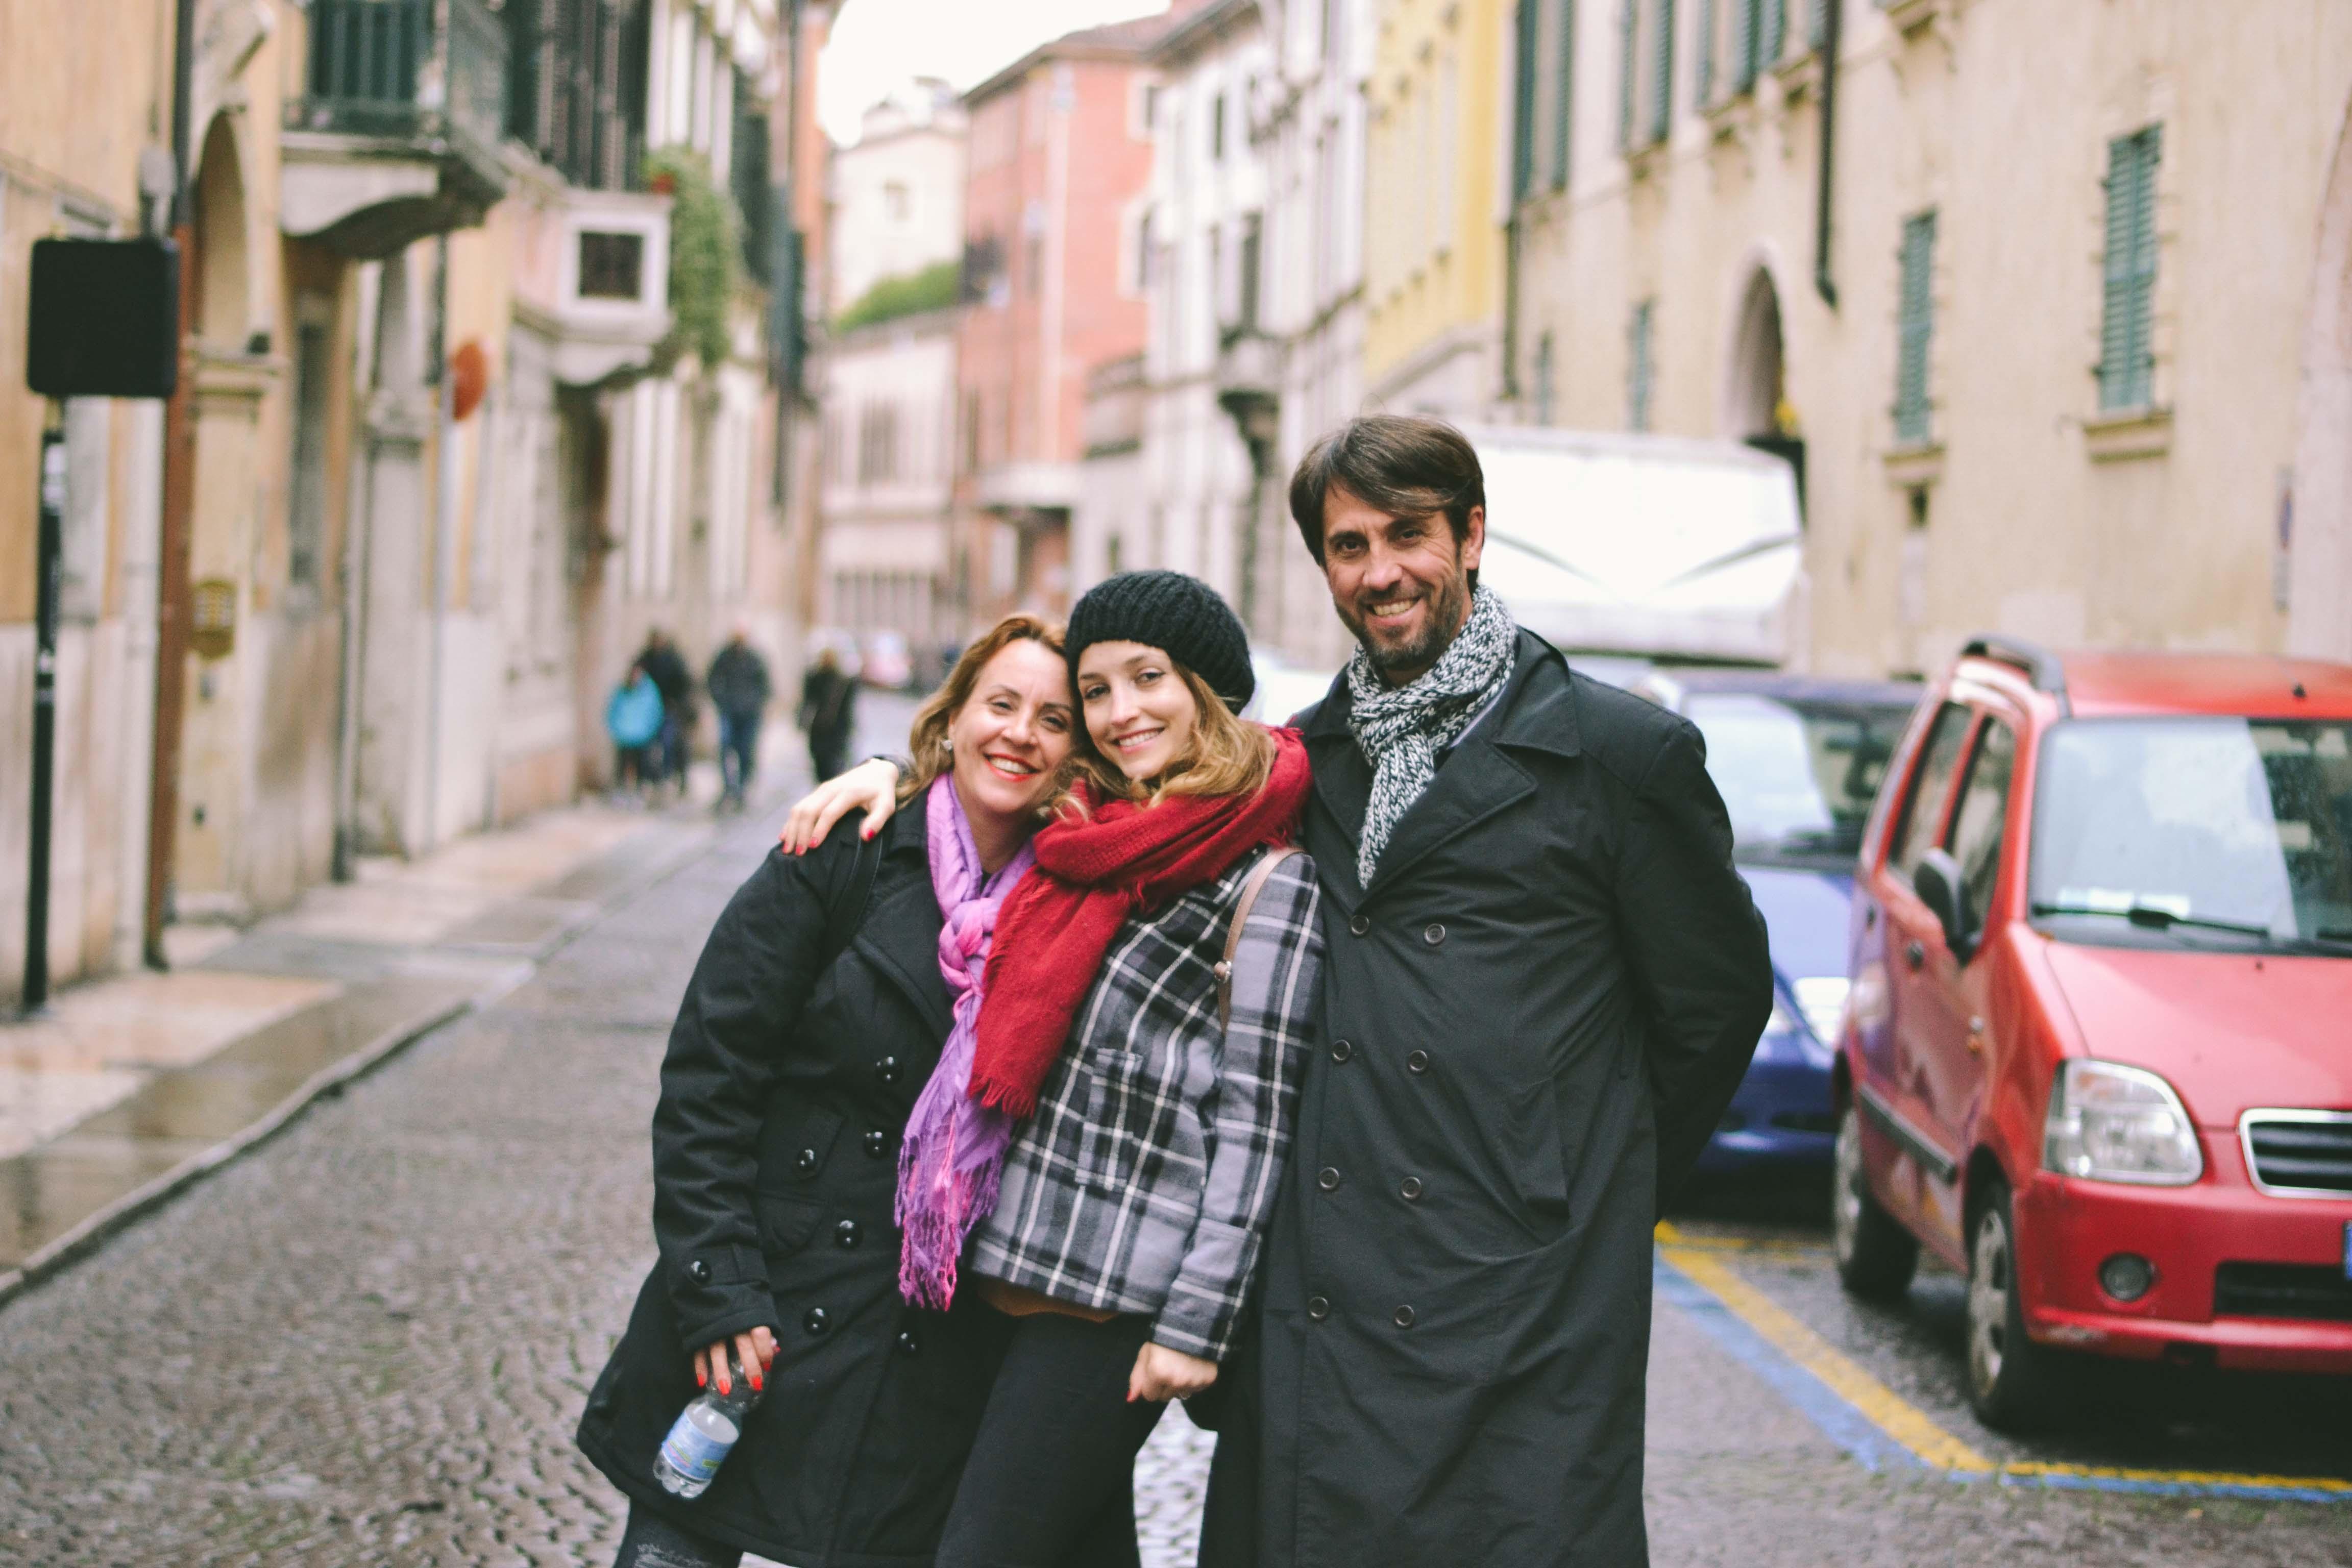 viagem-familia-italia-blog-milao-verona-pedido-casamento-trem-travel-14